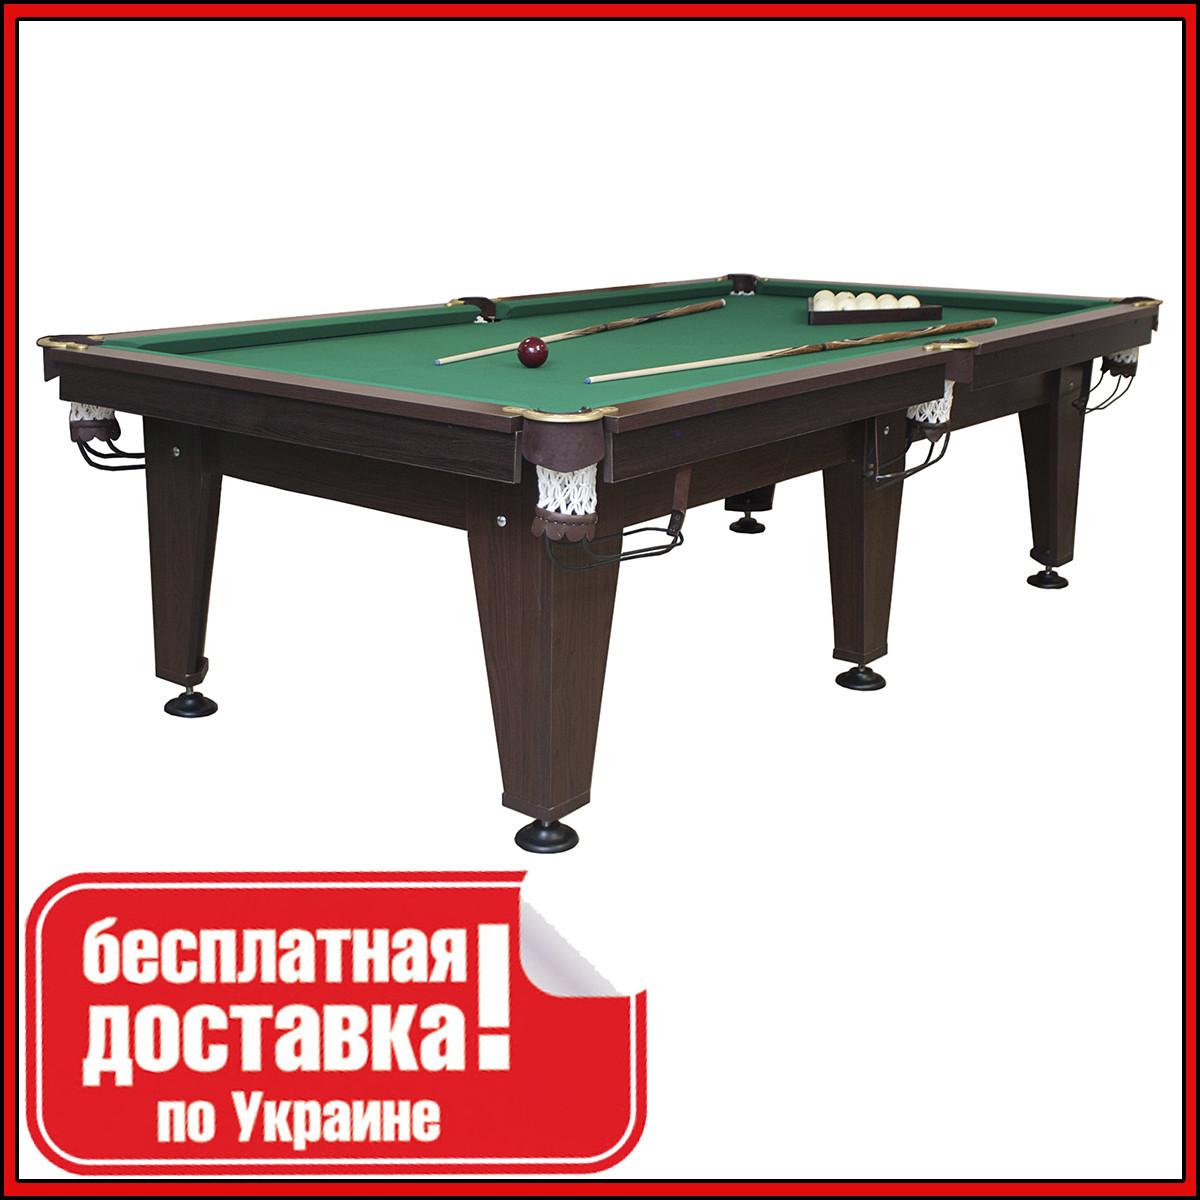 Більярдний стіл для пулу ОСКАР 7 футів ЛДСП 2.0 м х 1.0 м з натурального дерева